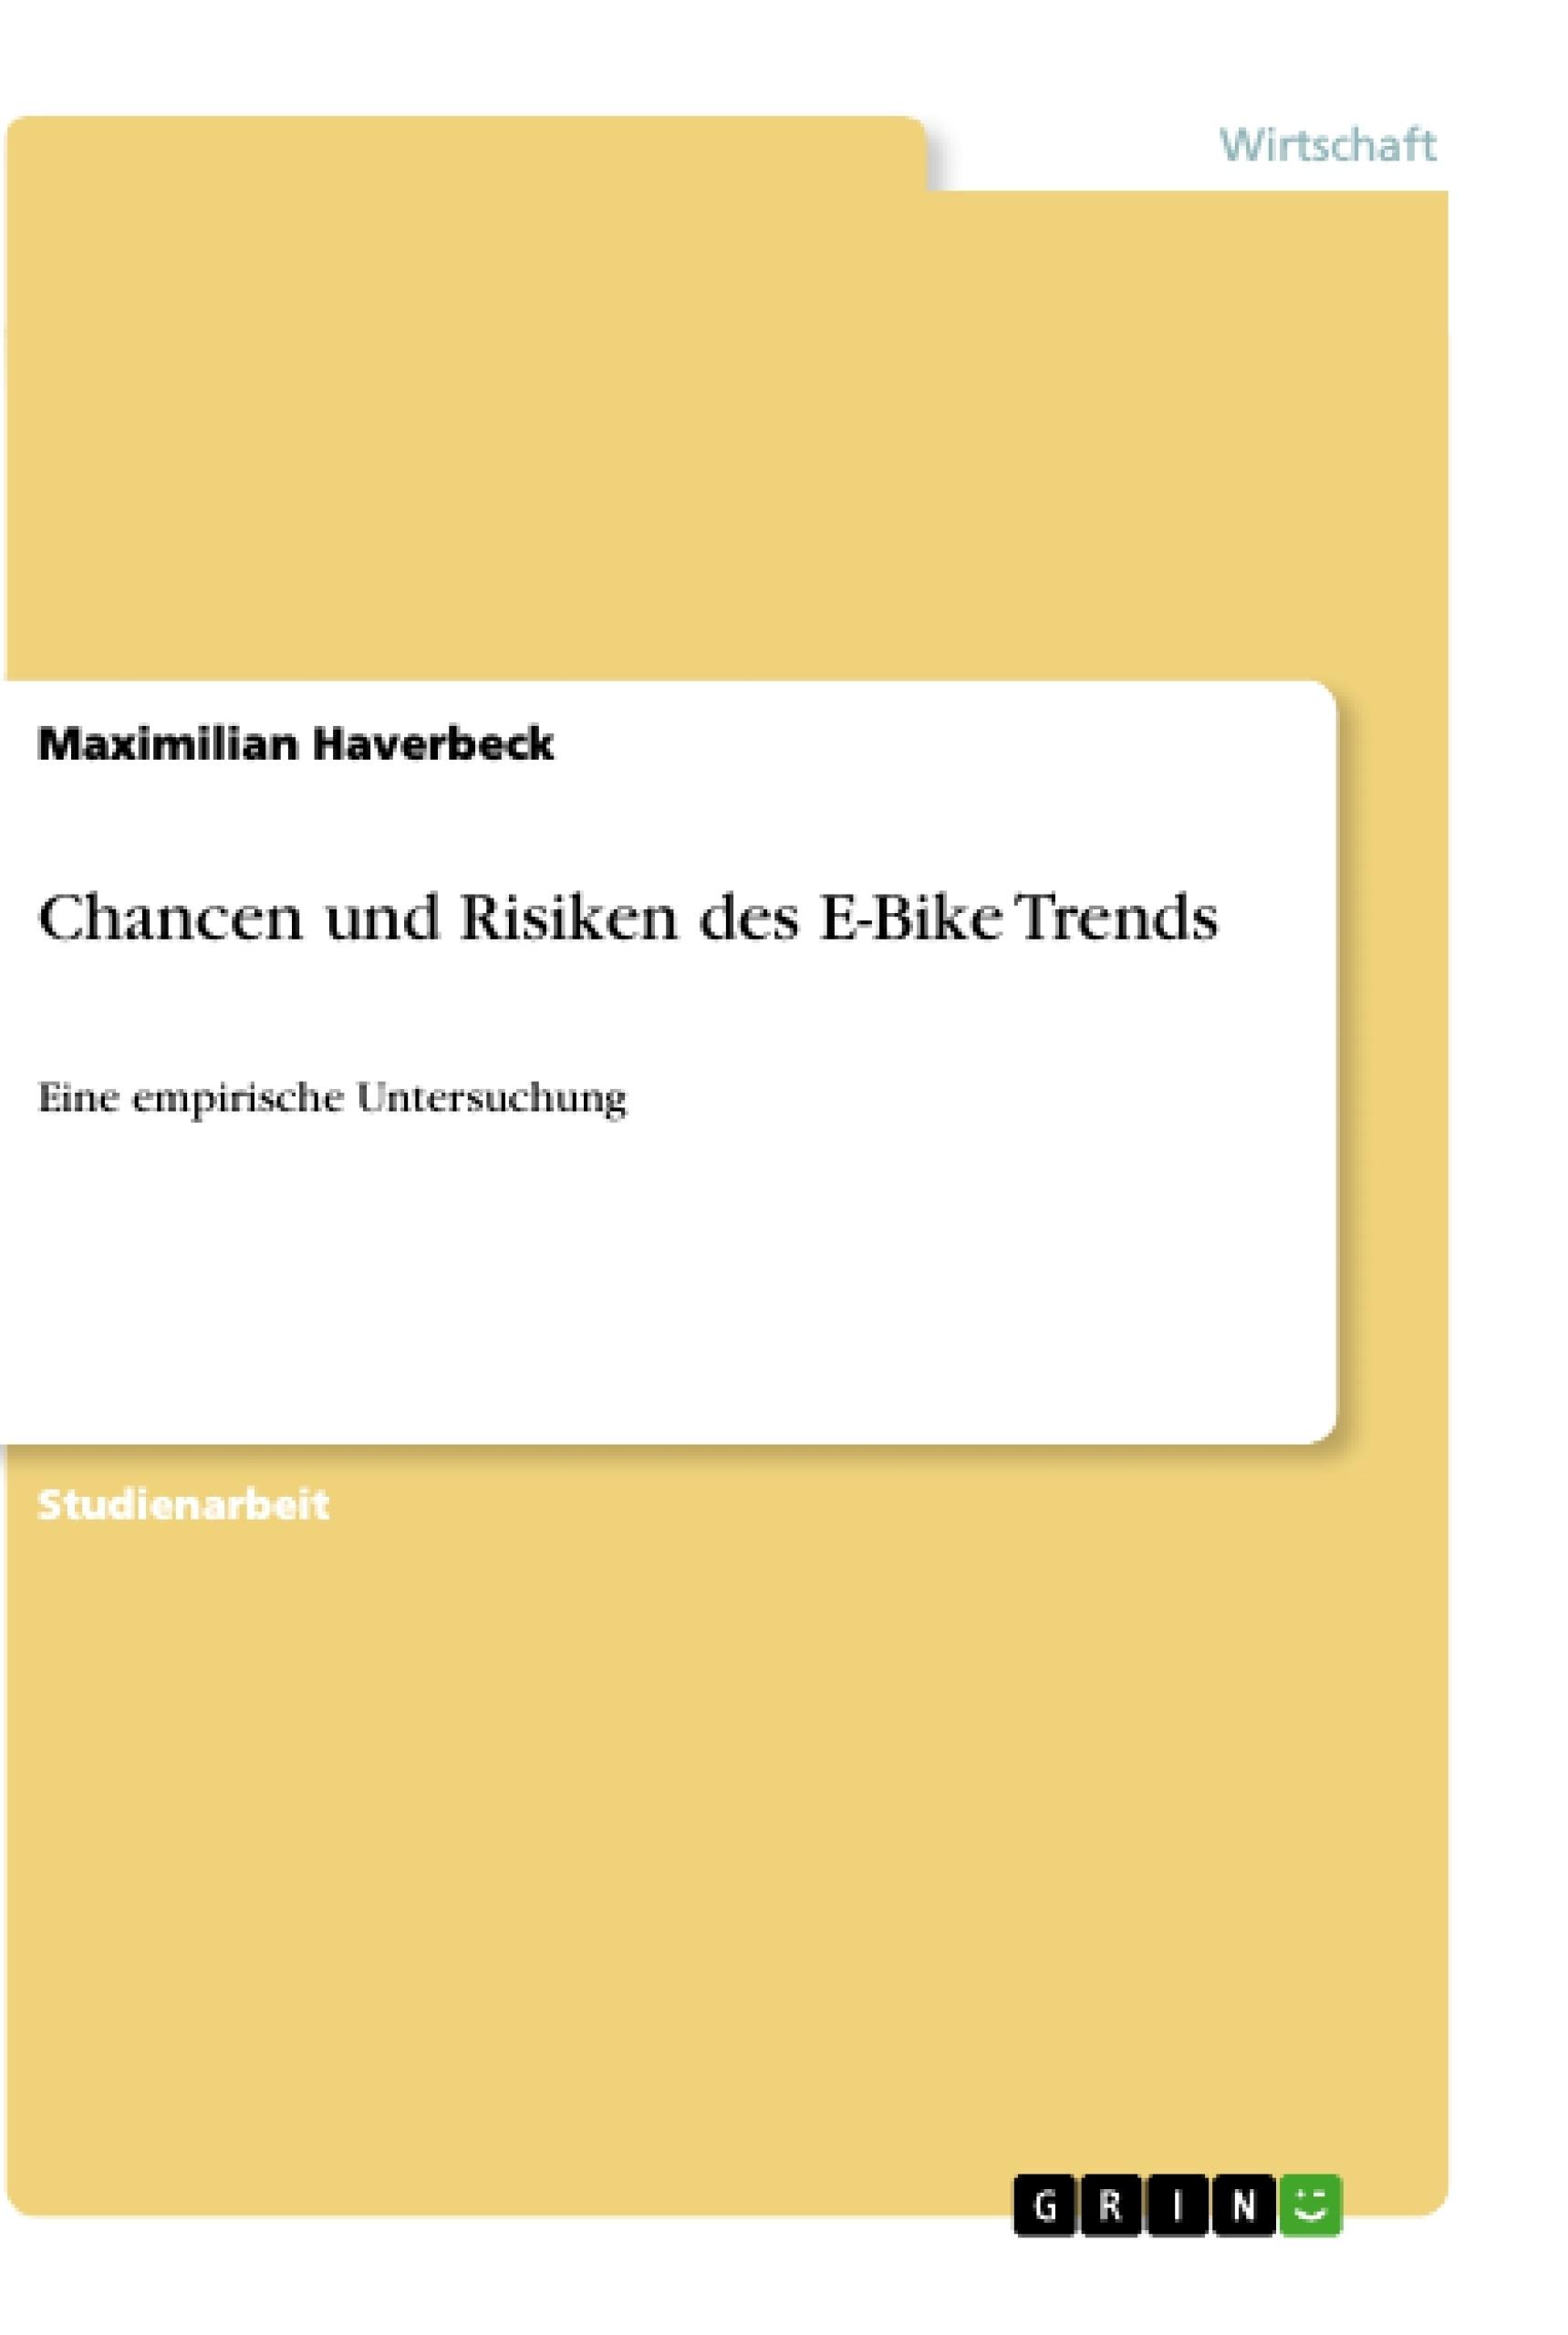 Titel: Chancen und Risiken des E-Bike Trends